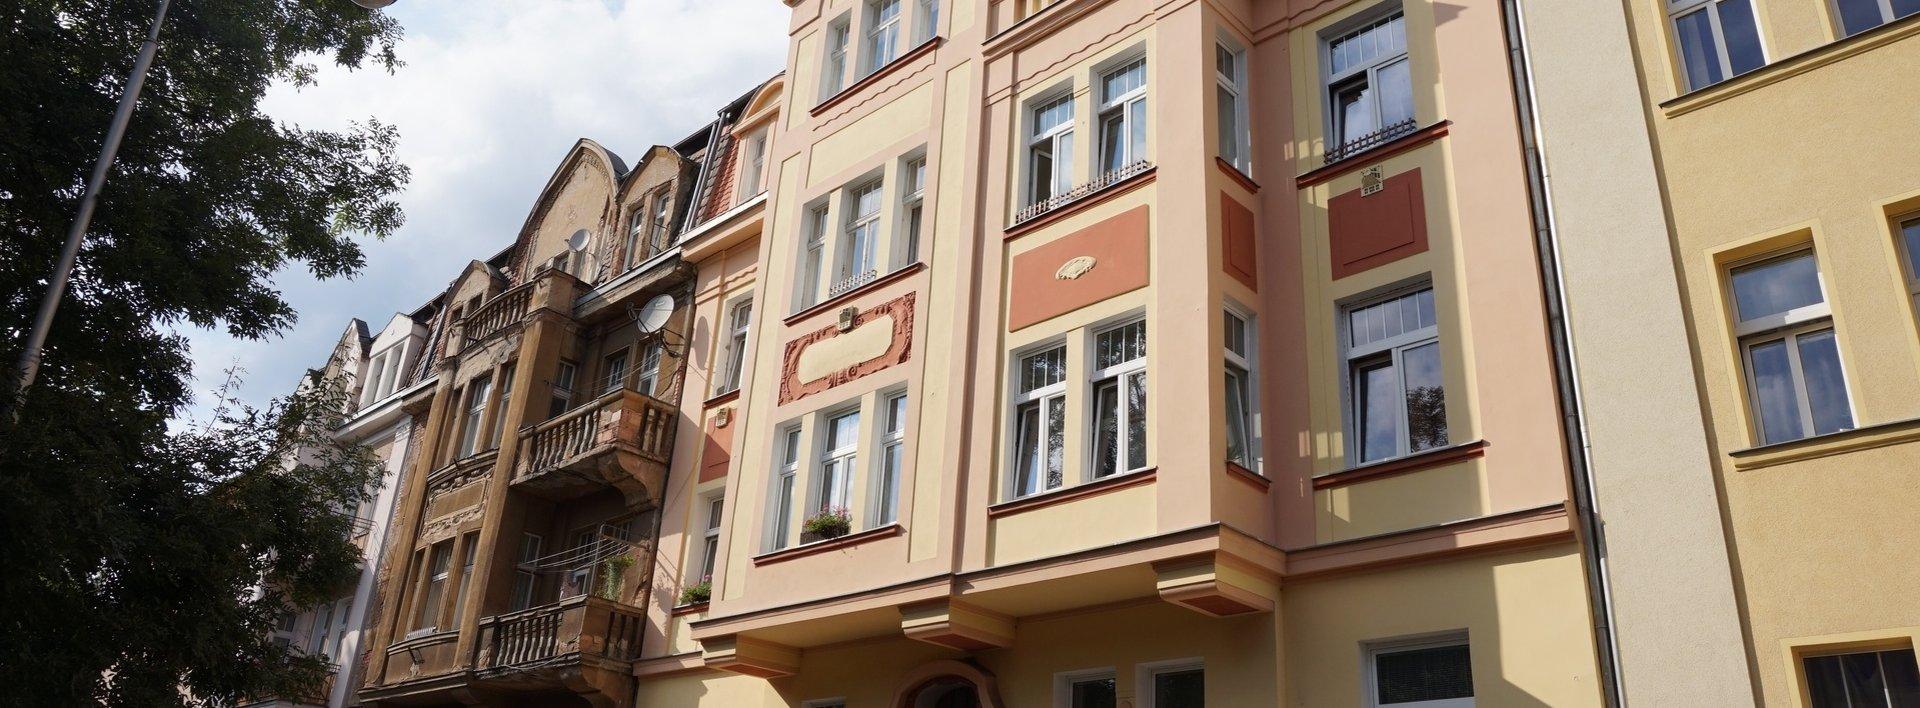 Pronájem, Byt 2+1, cca 70 m², Řetenice, Moskevské náměstí, Teplice., Ev.č.: N49068